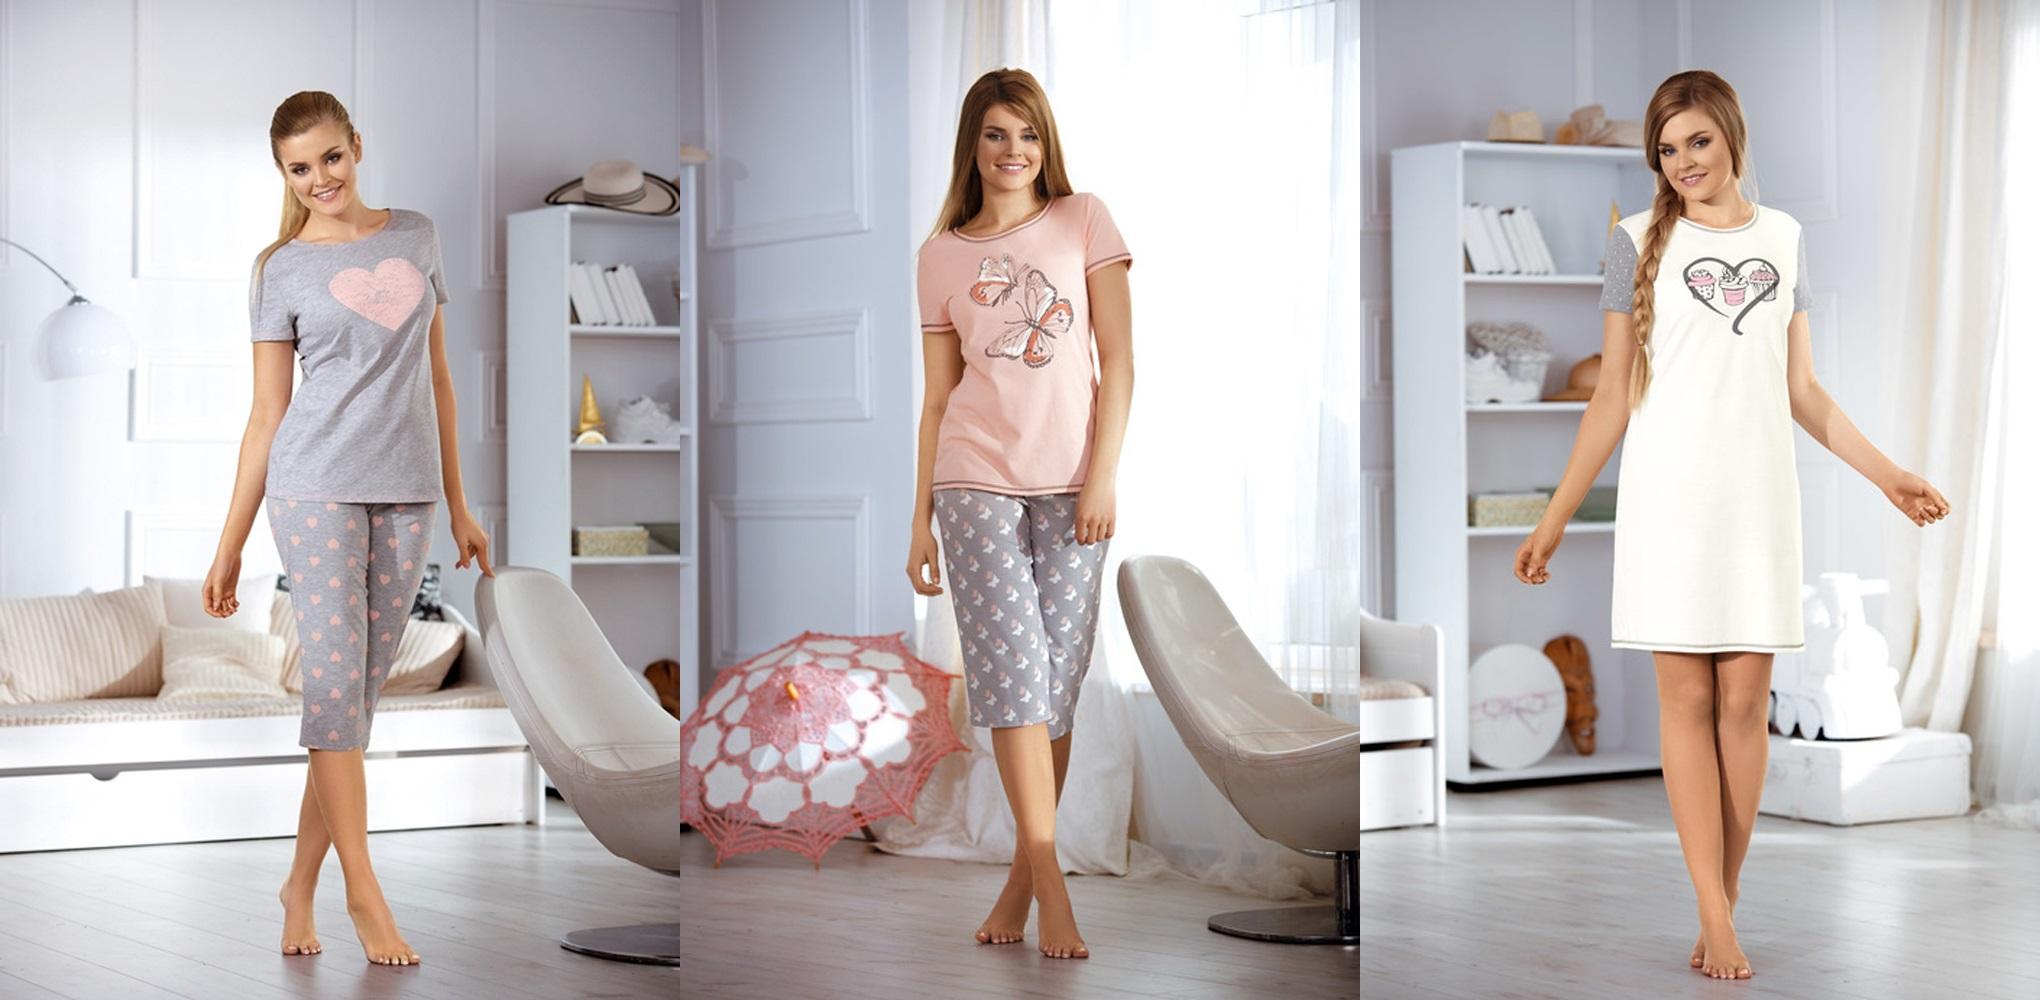 Женские пижамы сорочки Babella Польша купить интернет магазин relish.com.ua